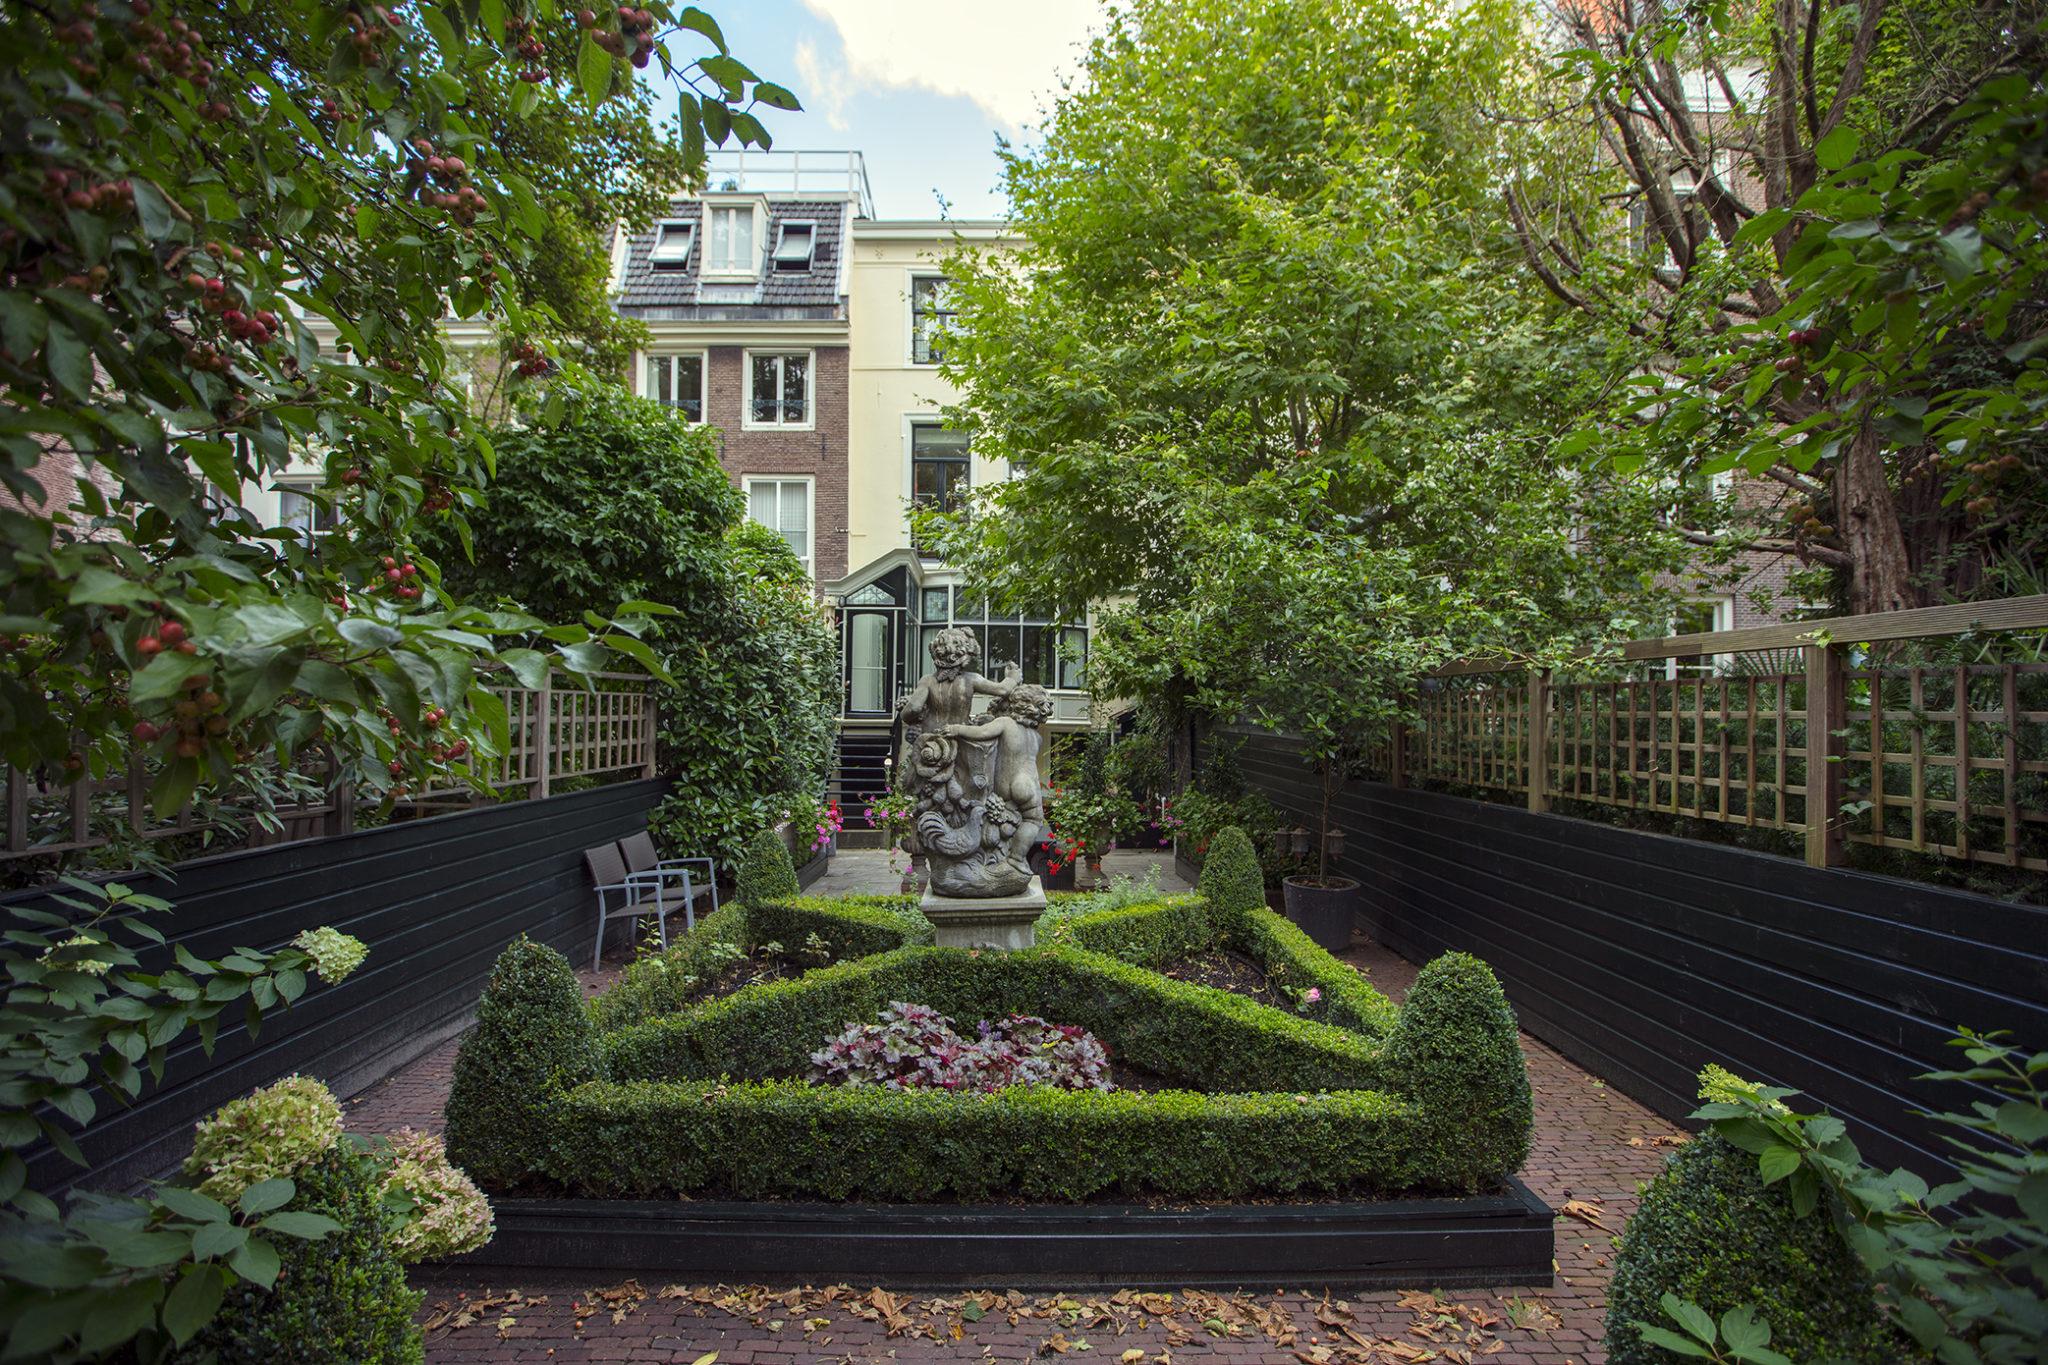 Dutch Masters Amsterdam Garden © Michael van Oosten